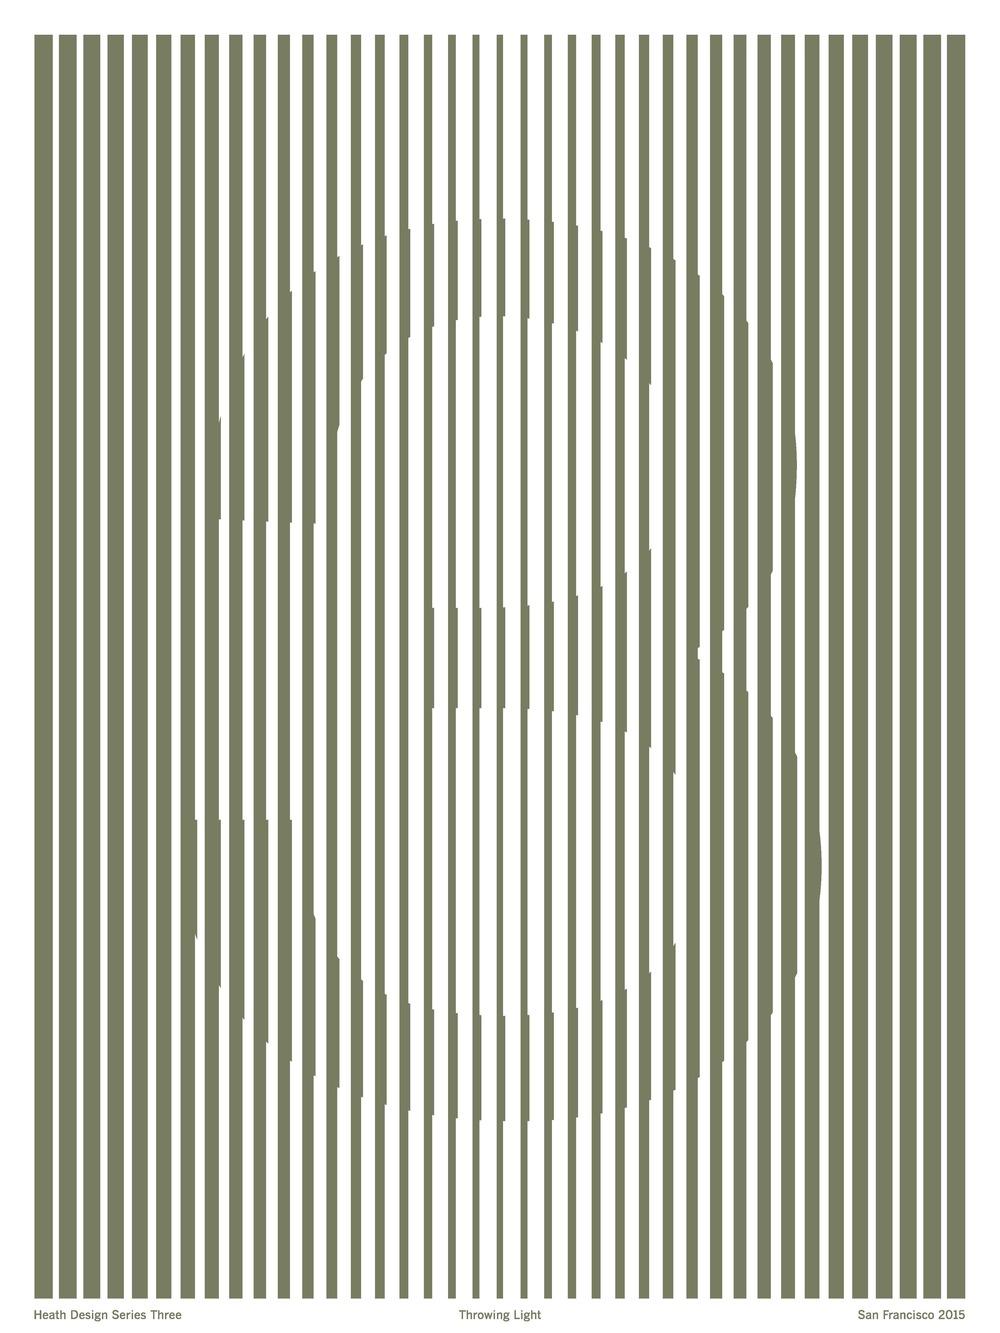 Design Series 3: Throwing Light